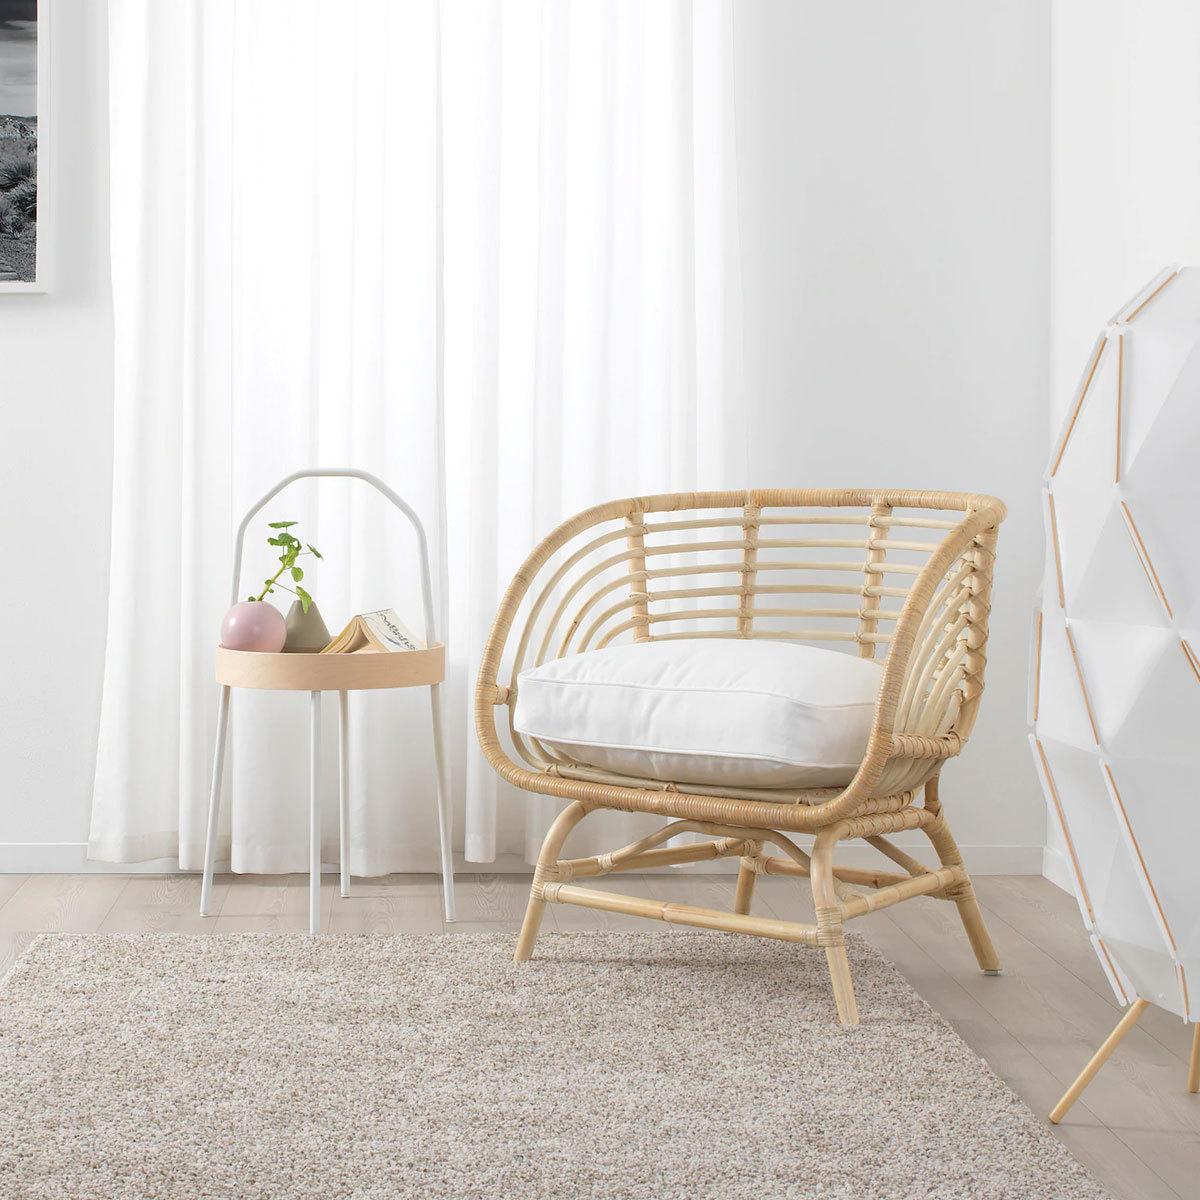 Sillón de ratán Buskbo (149 euros) de Ikea